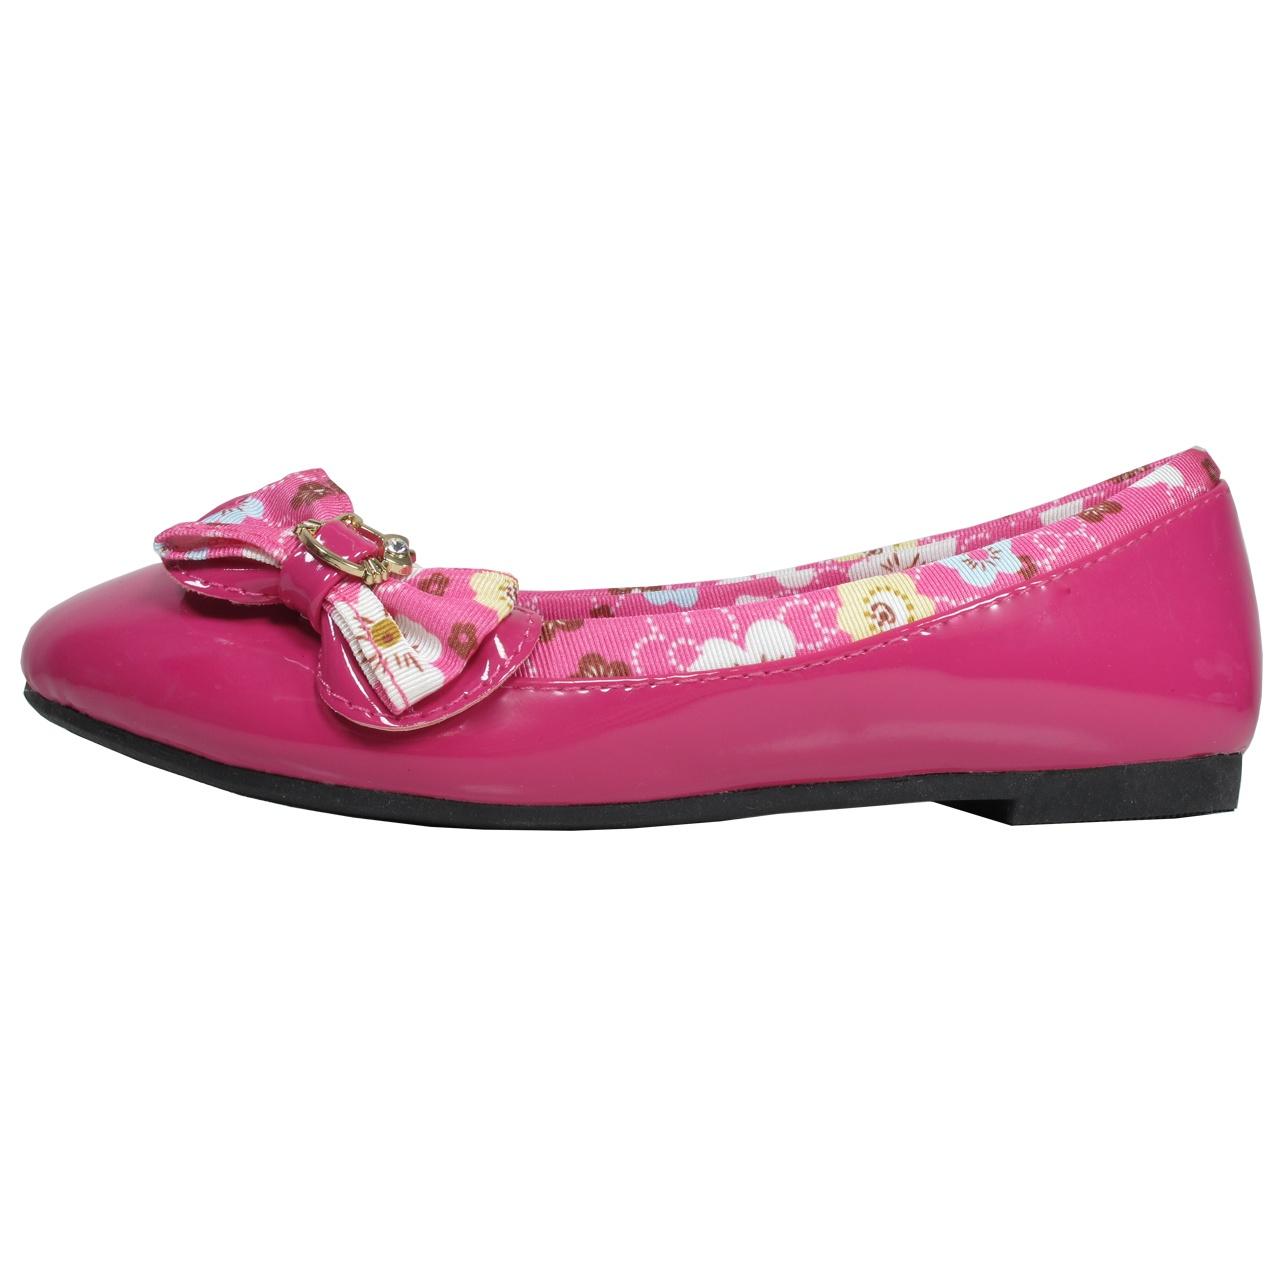 کفش دخترانه کنیک کیدز کد 1112